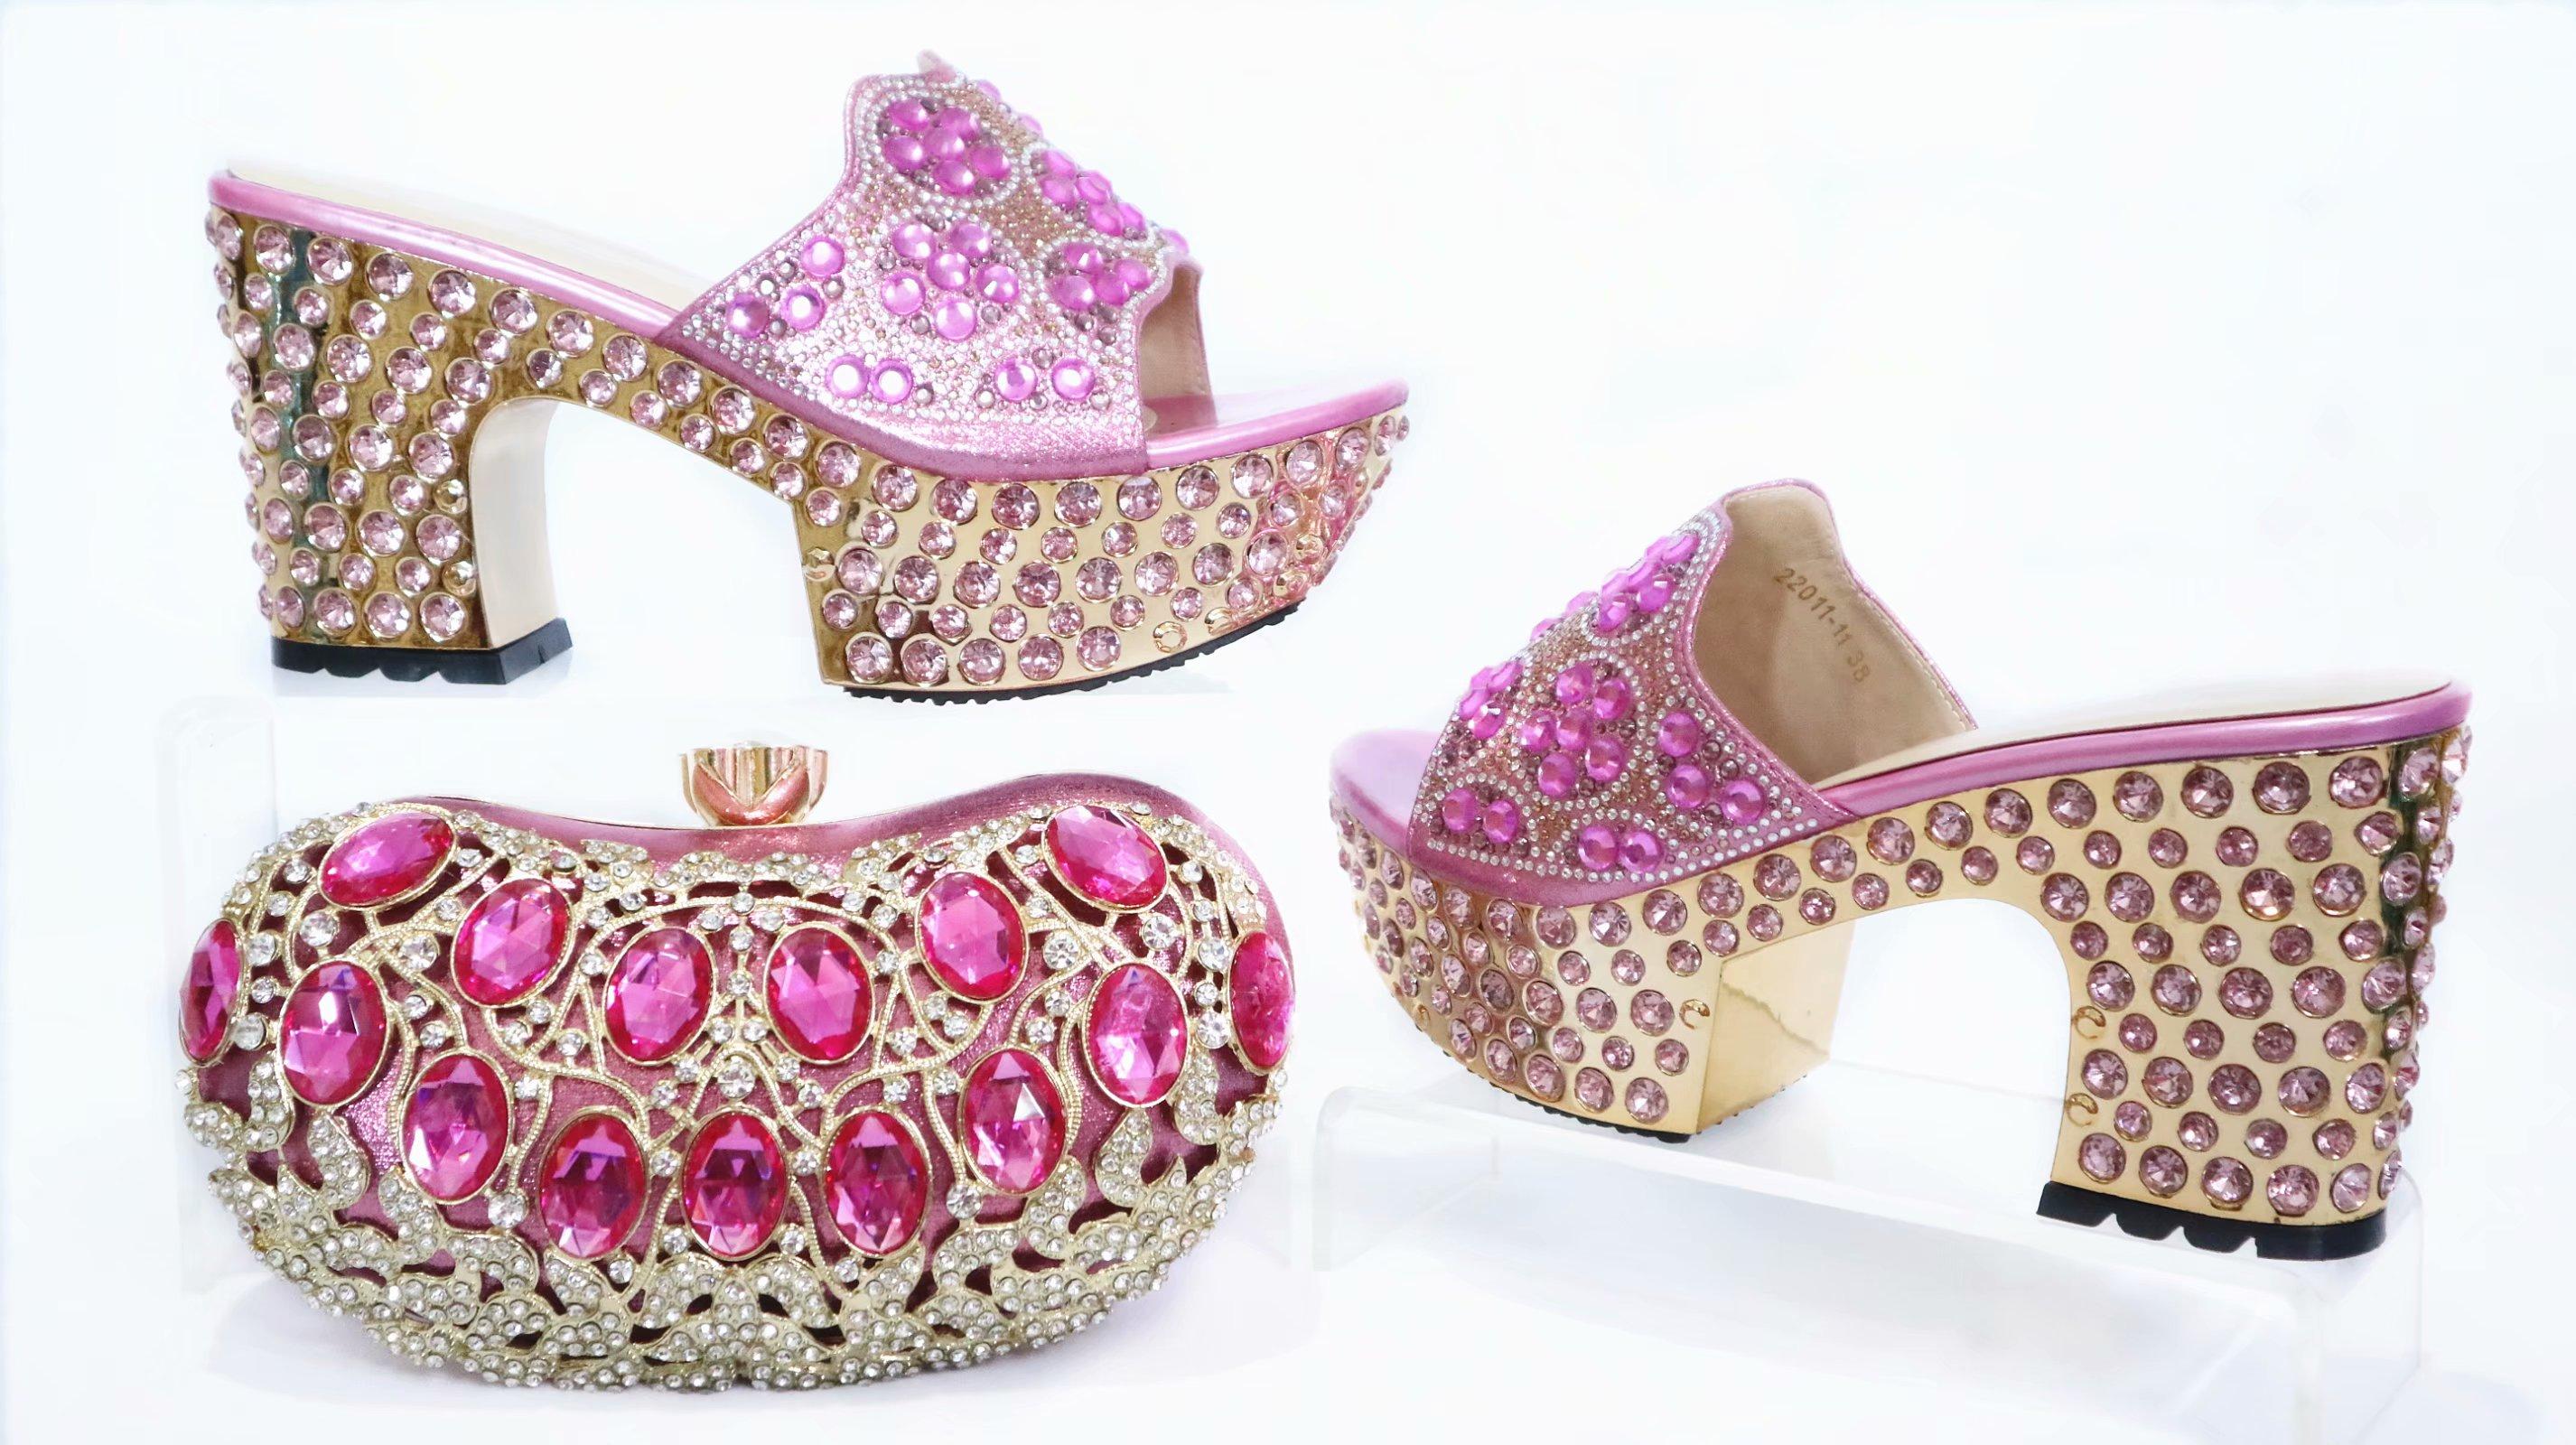 Gratis Verzending Mooie Roze Schoenen Bijpassende Tas Voor Afrikaanse Aso Ebi Shining Big Stenen Slippers Schoenen En Koppelingen Tas SB8475 4 - 2